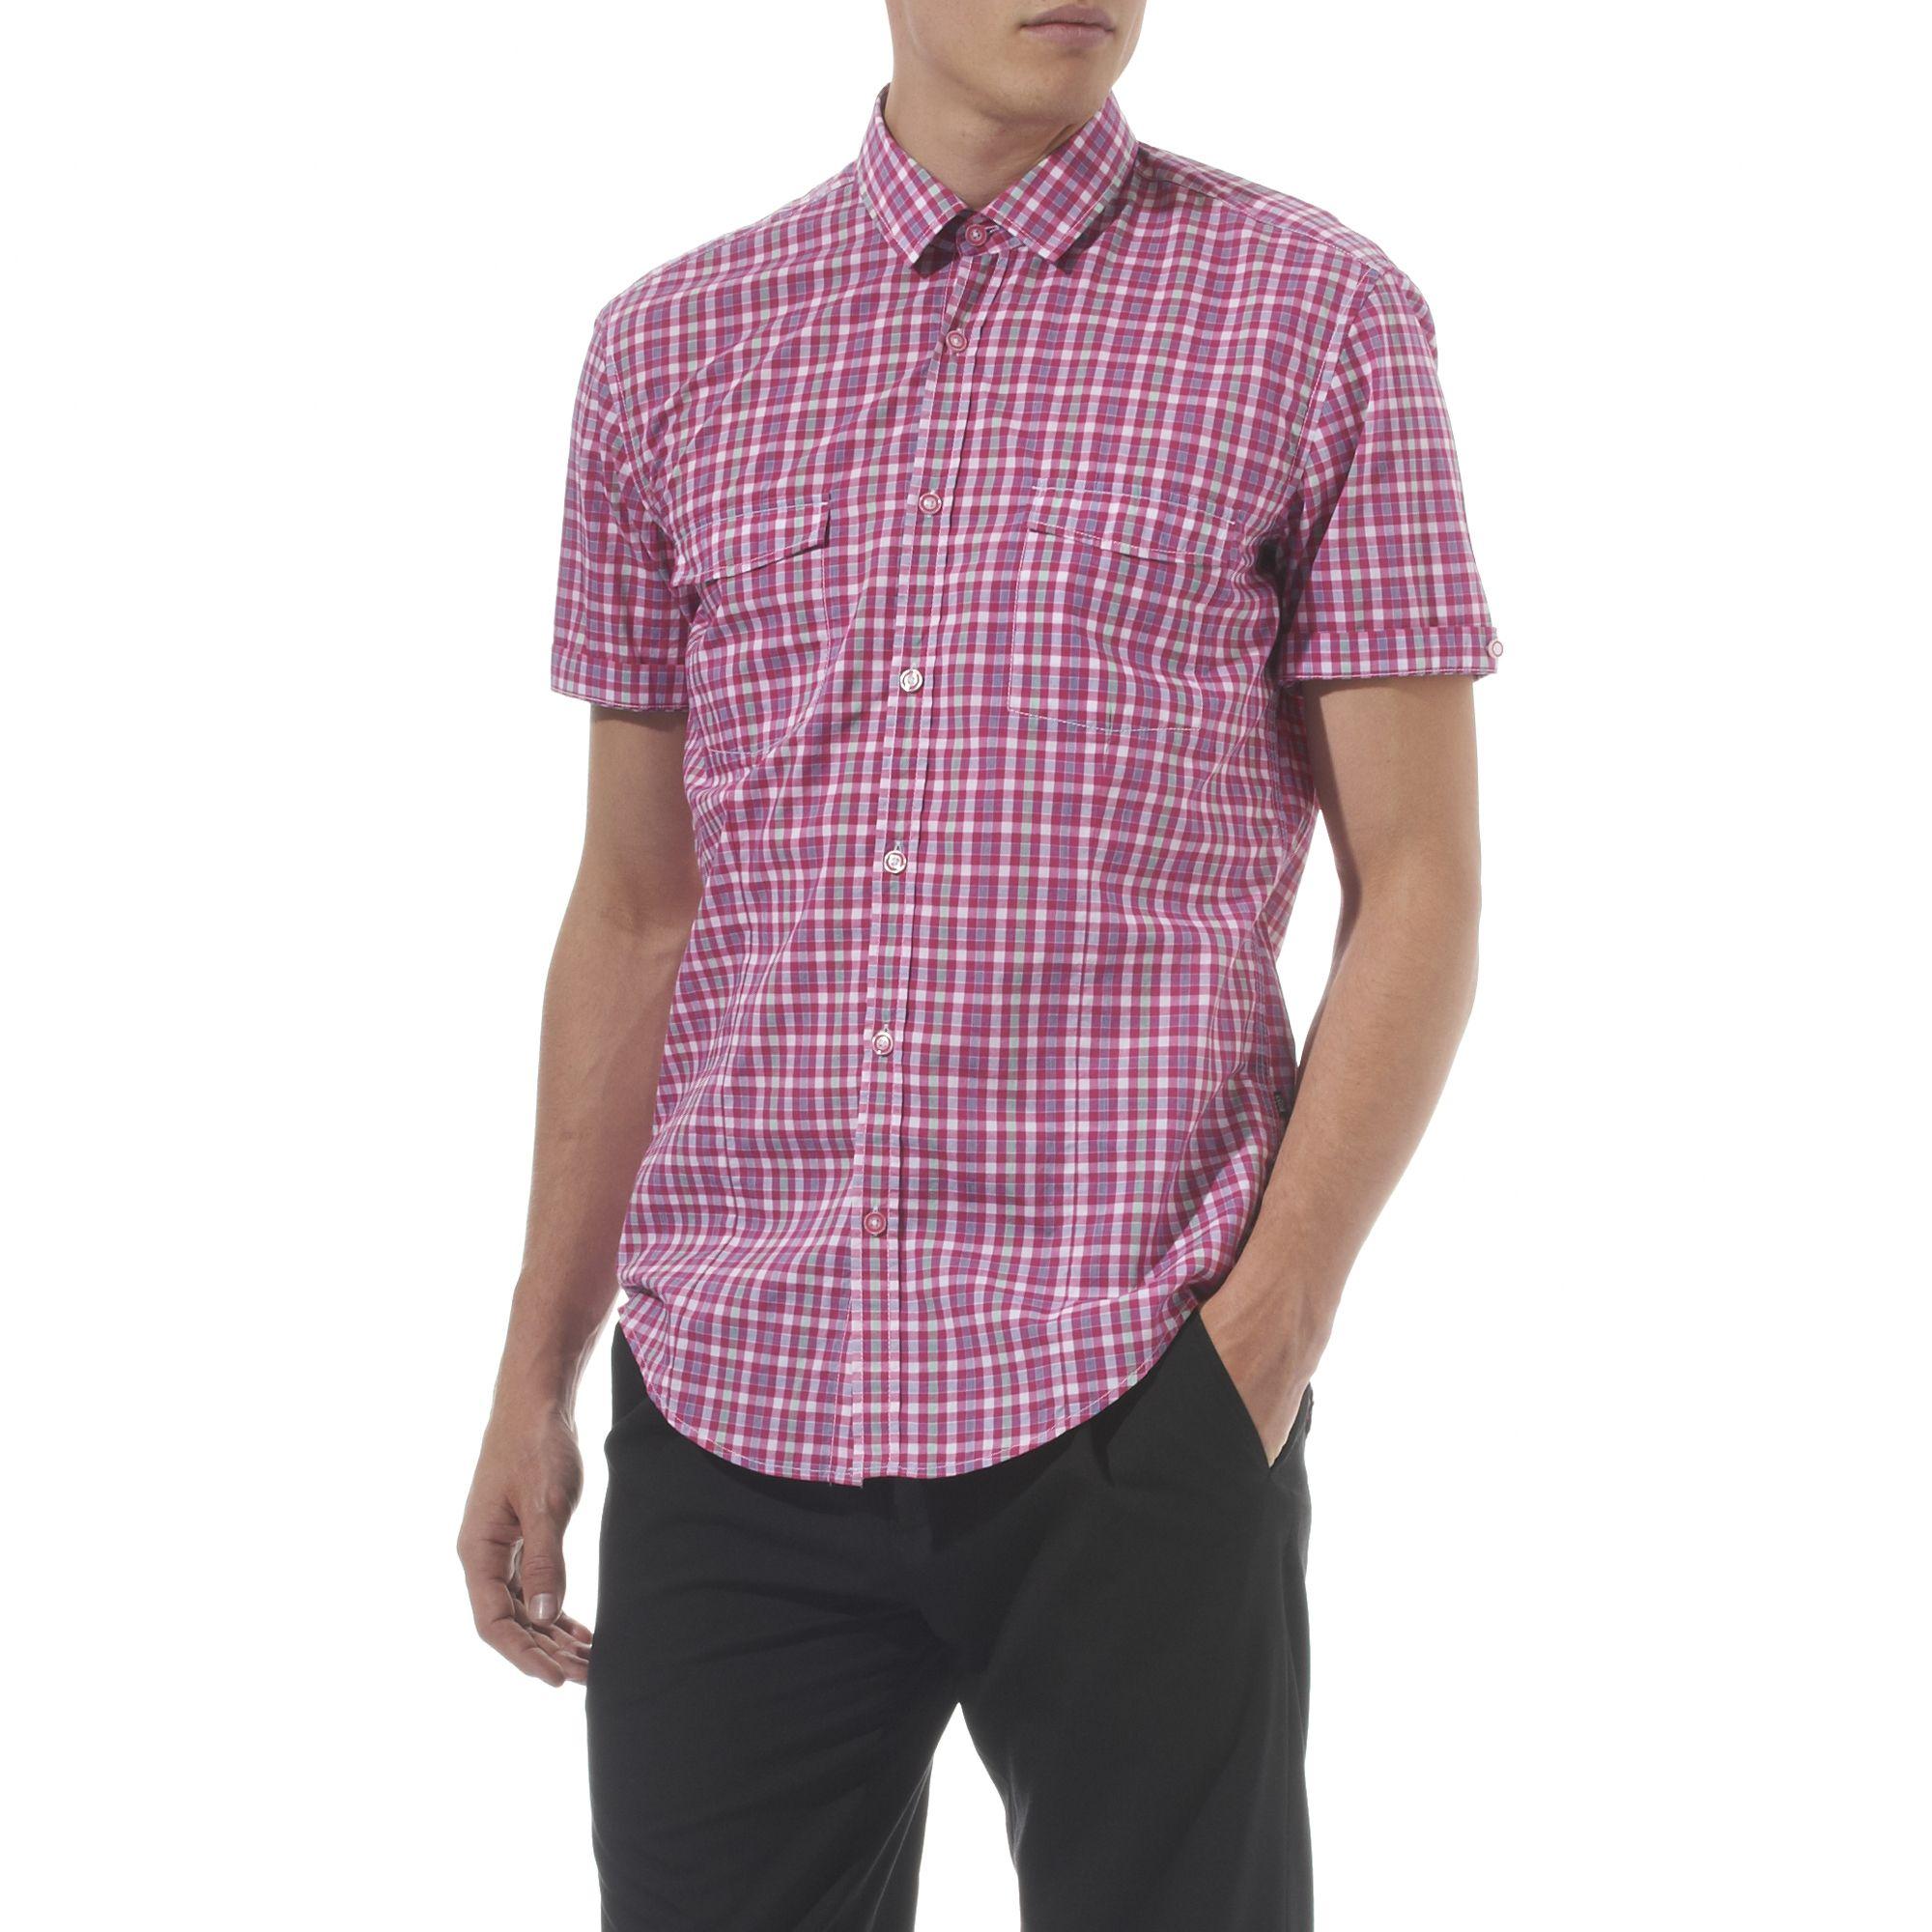 Hugo boss percy multi gingham shirt in pink for men lyst for Hugo boss dress shirt review